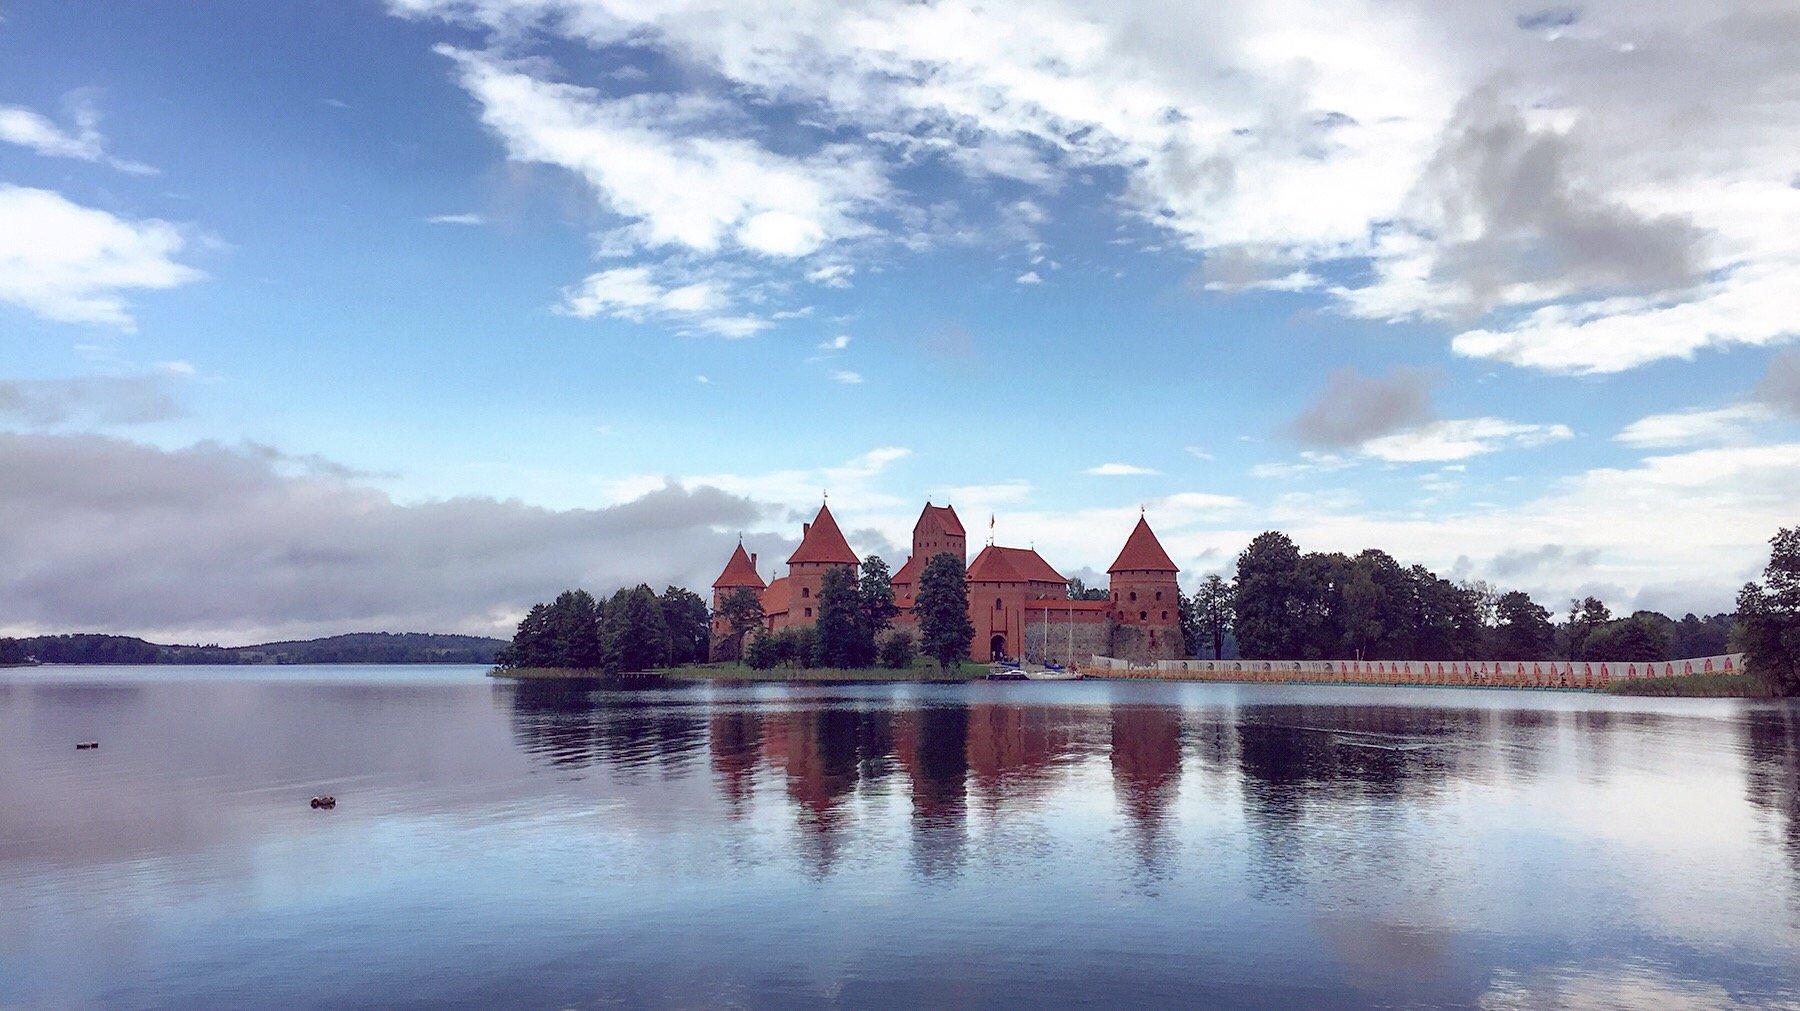 芬兰、爱沙尼亚、拉脱维亚、立陶宛,波罗的海自由行